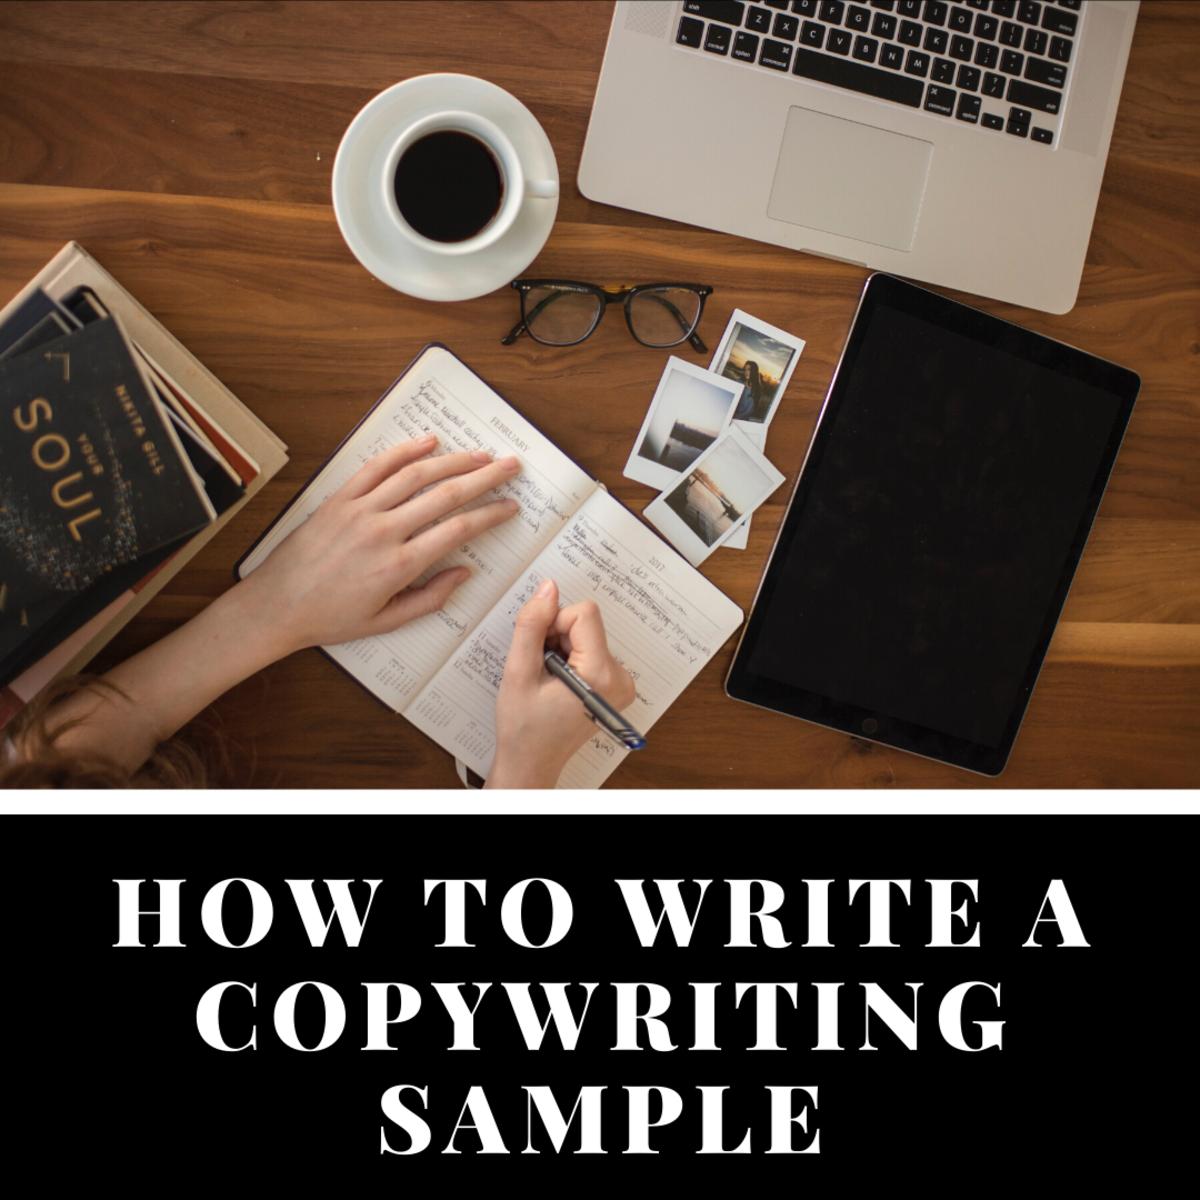 How to Write a Copywriting Sample